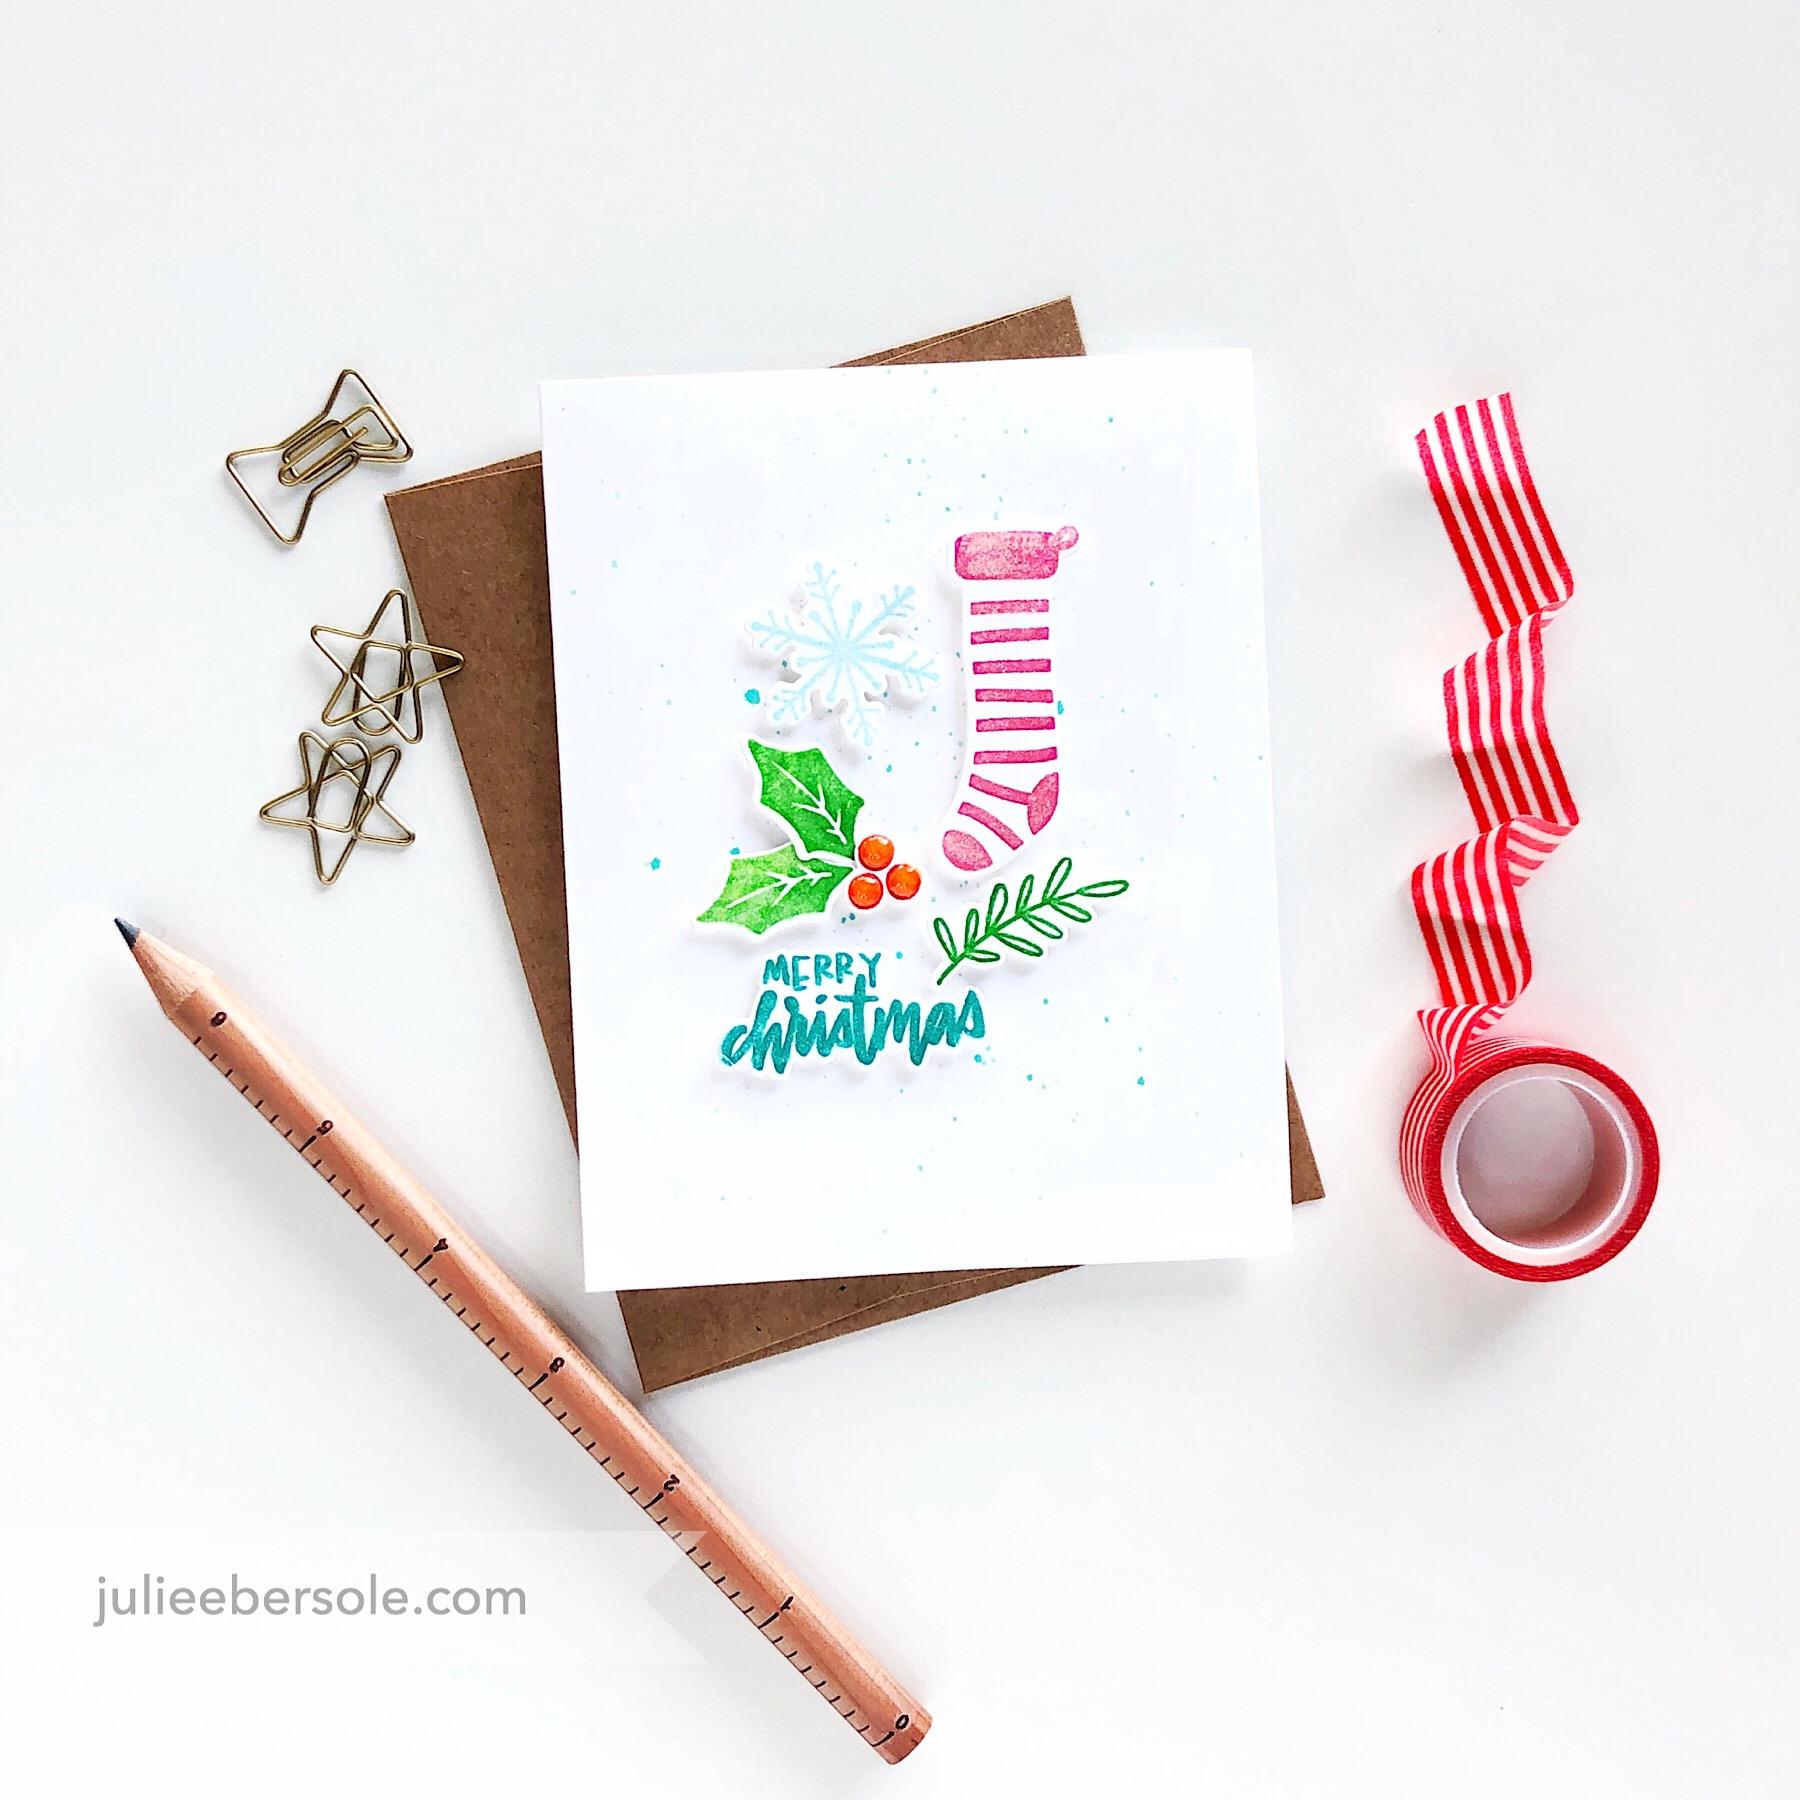 stampmrkt-merrydays-001-1.jpg